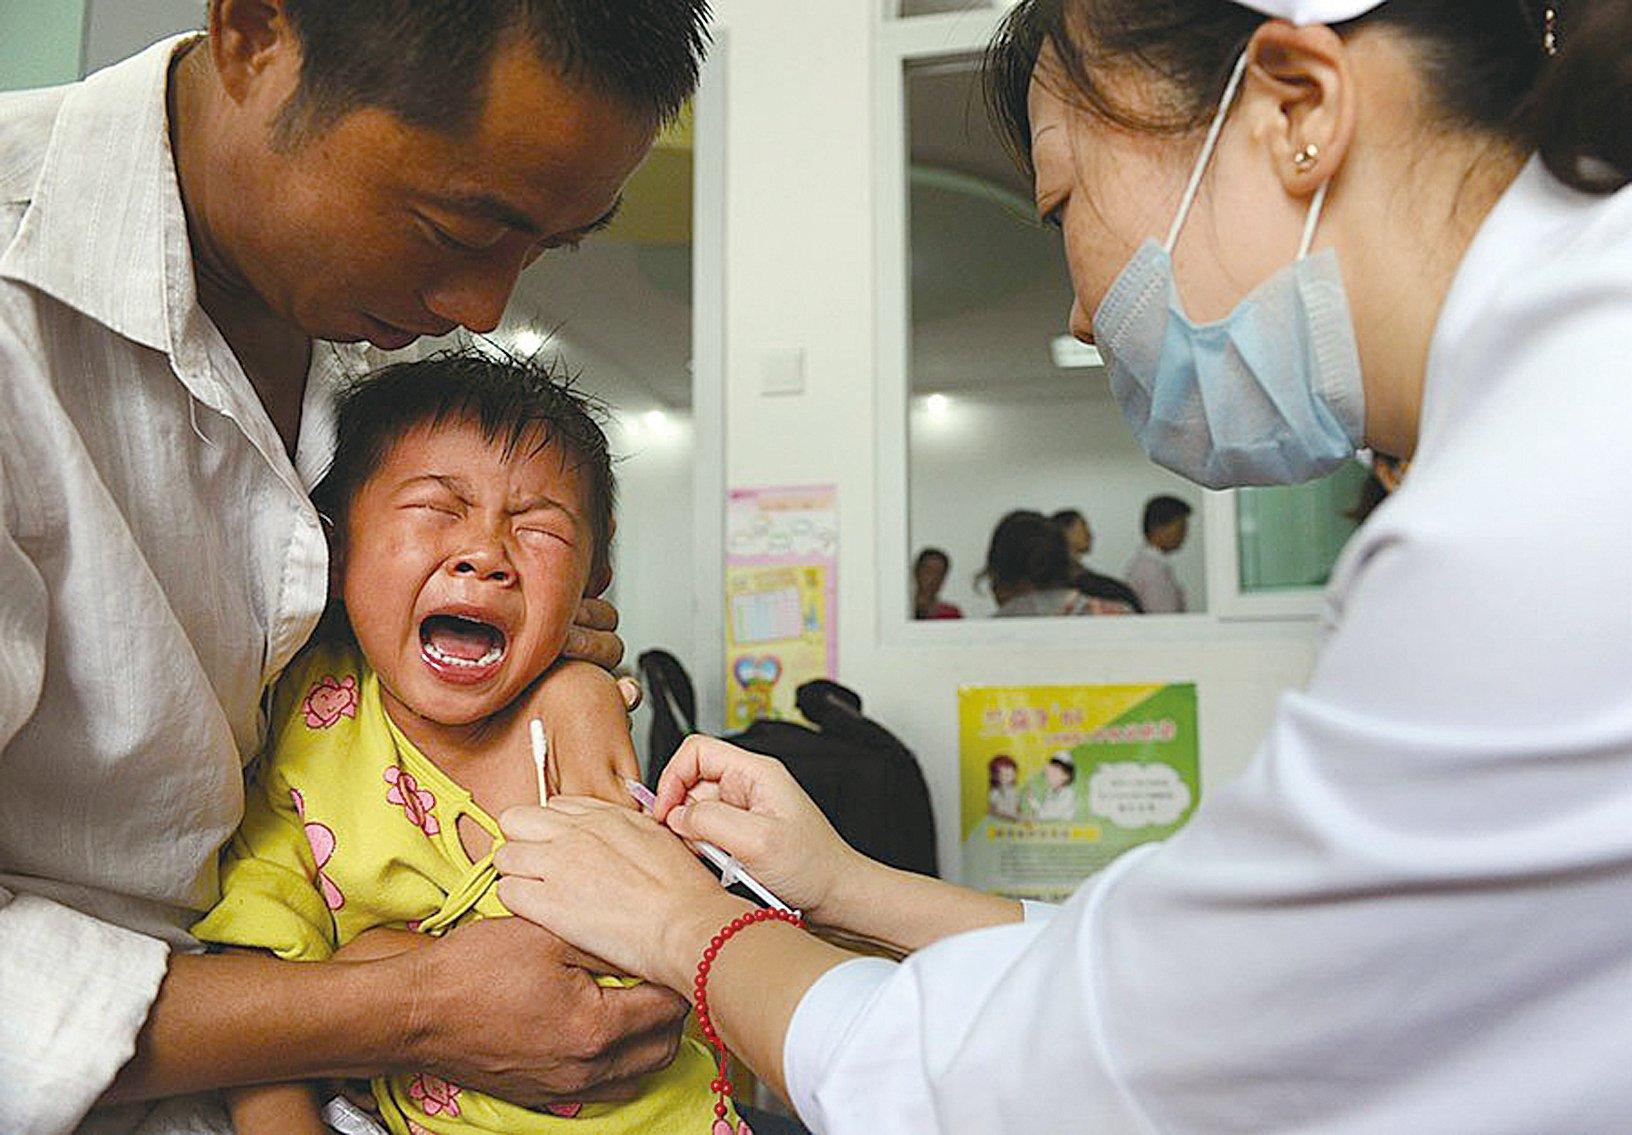 2018年大陸假疫苗事件,再次震驚國人,然而中共宣傳部門嚴控媒體報道、禁止獨立調查報道,掀起輿論關注的〈疫苗之王〉一文被刪除。(STR/AFP/Getty Images)